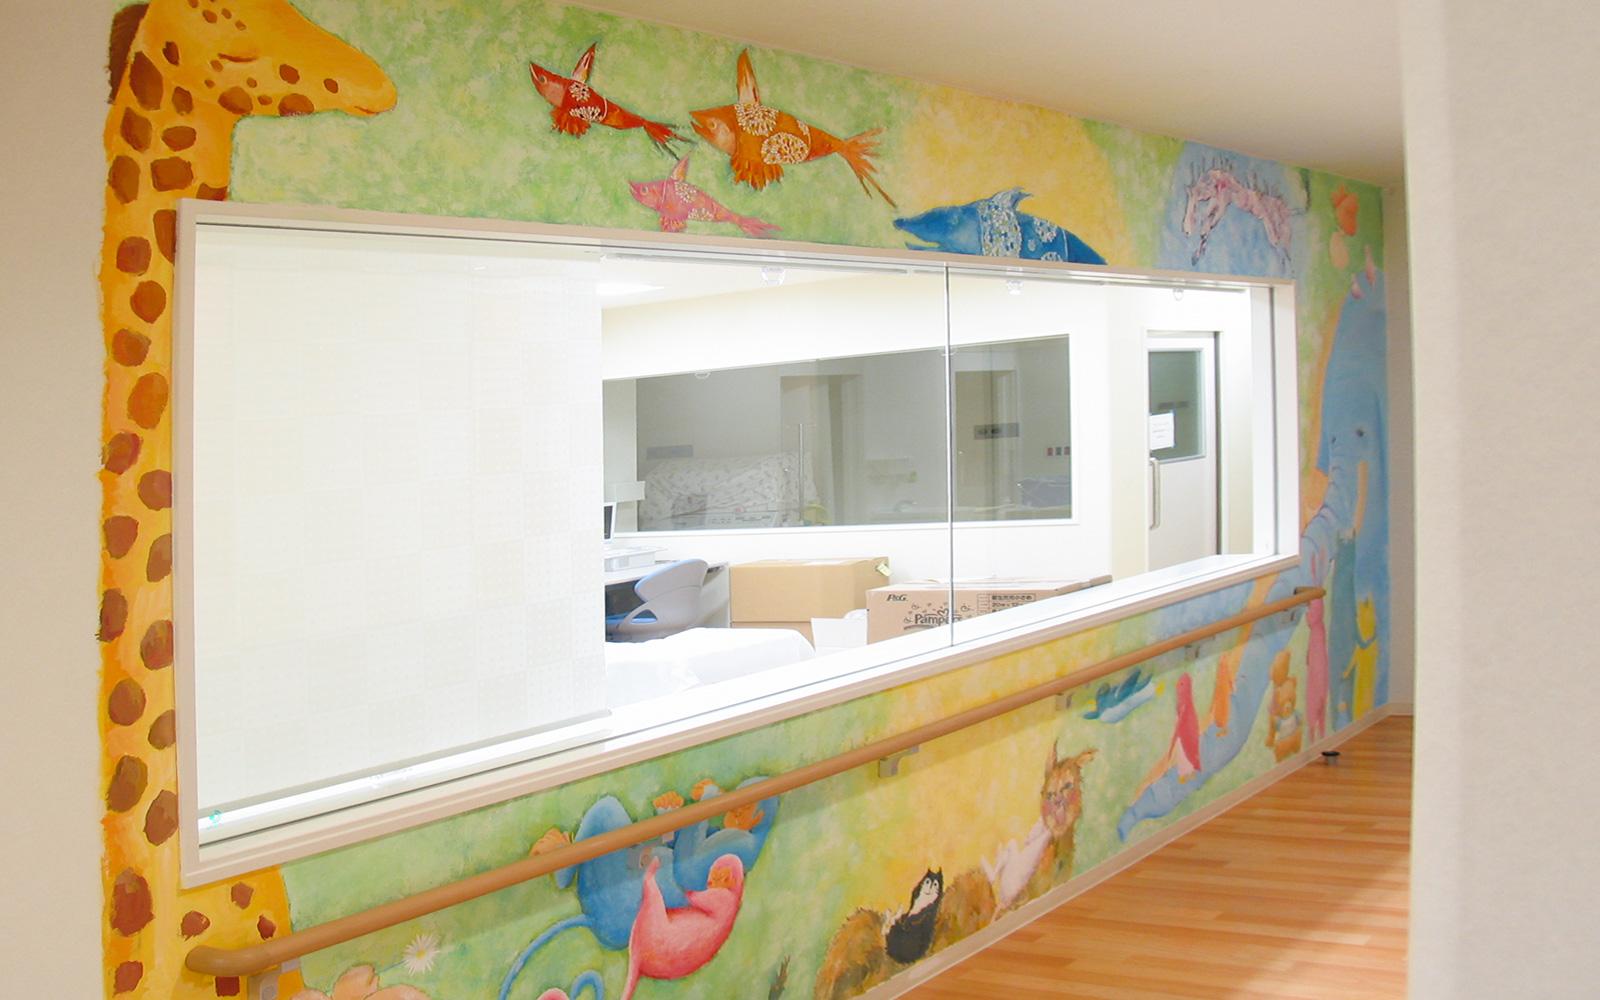 ホスピタルアート 府中病院 壁画